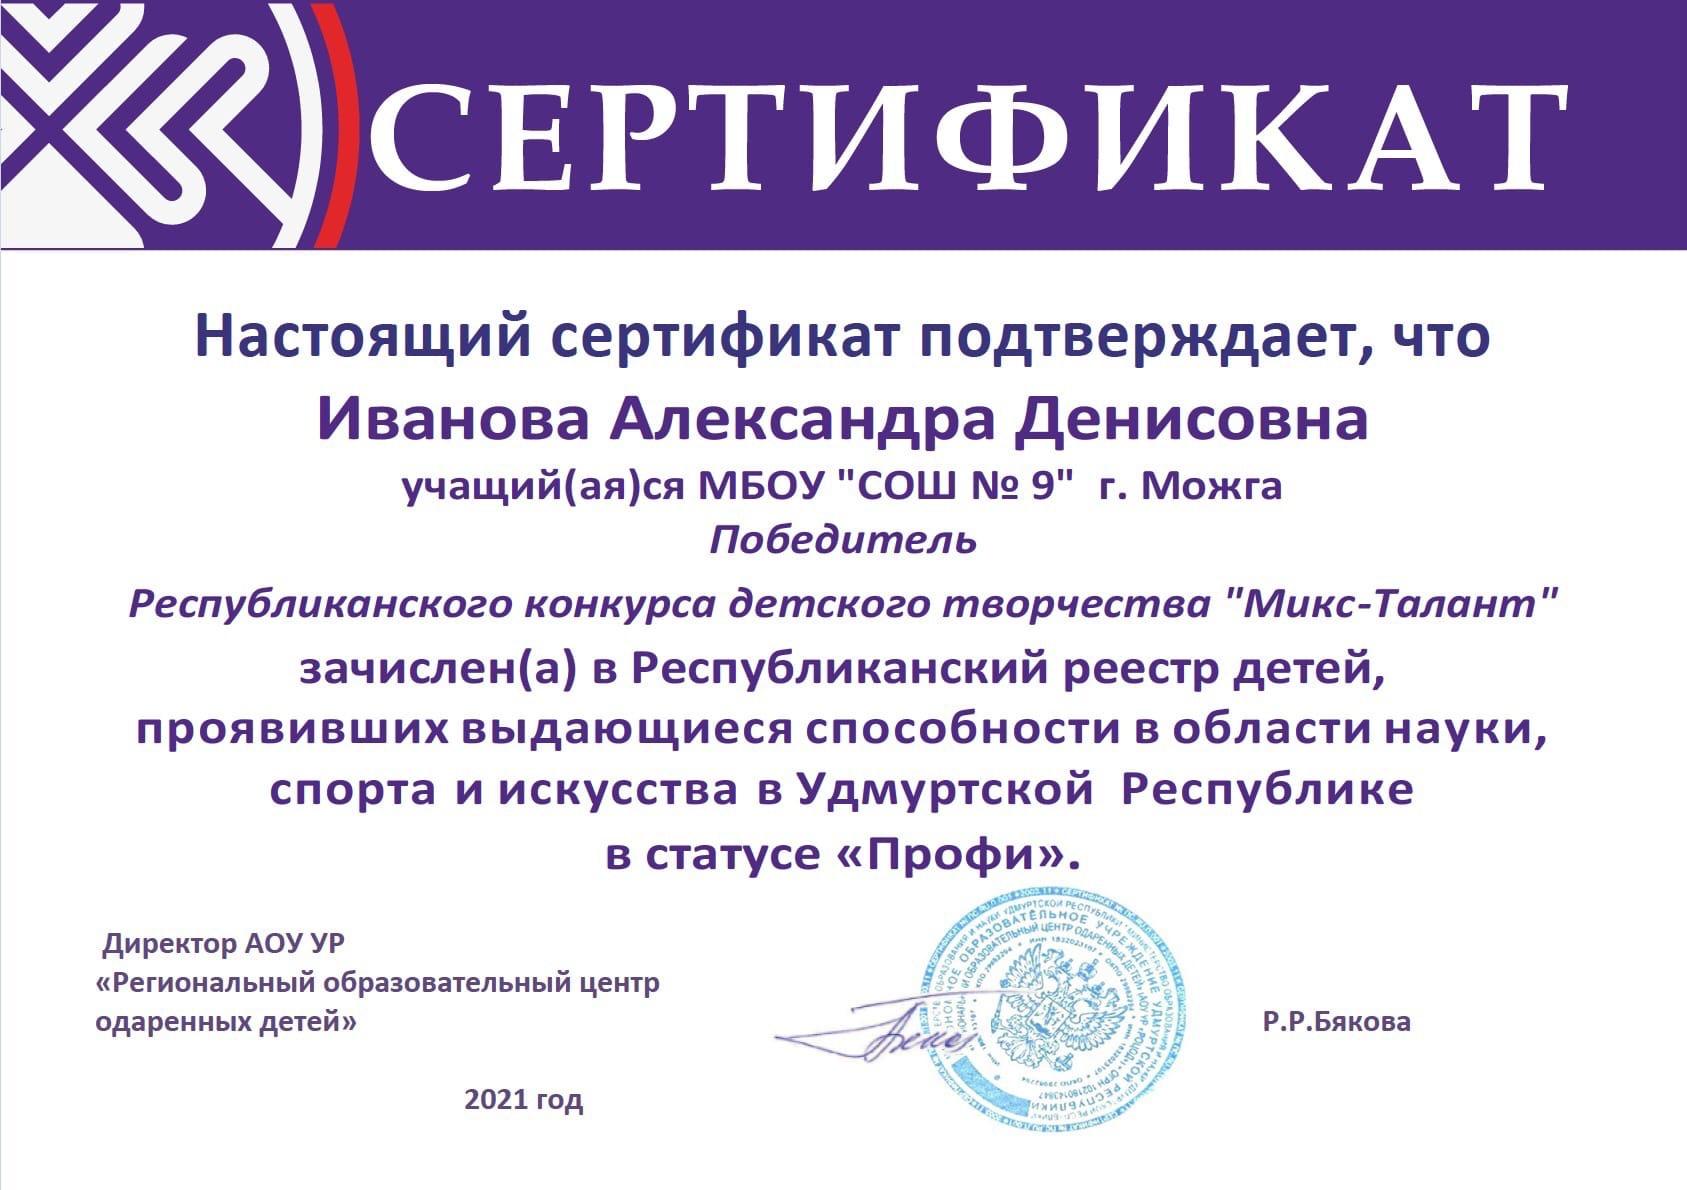 Ученица 9 школы Иванова Александра вошла в